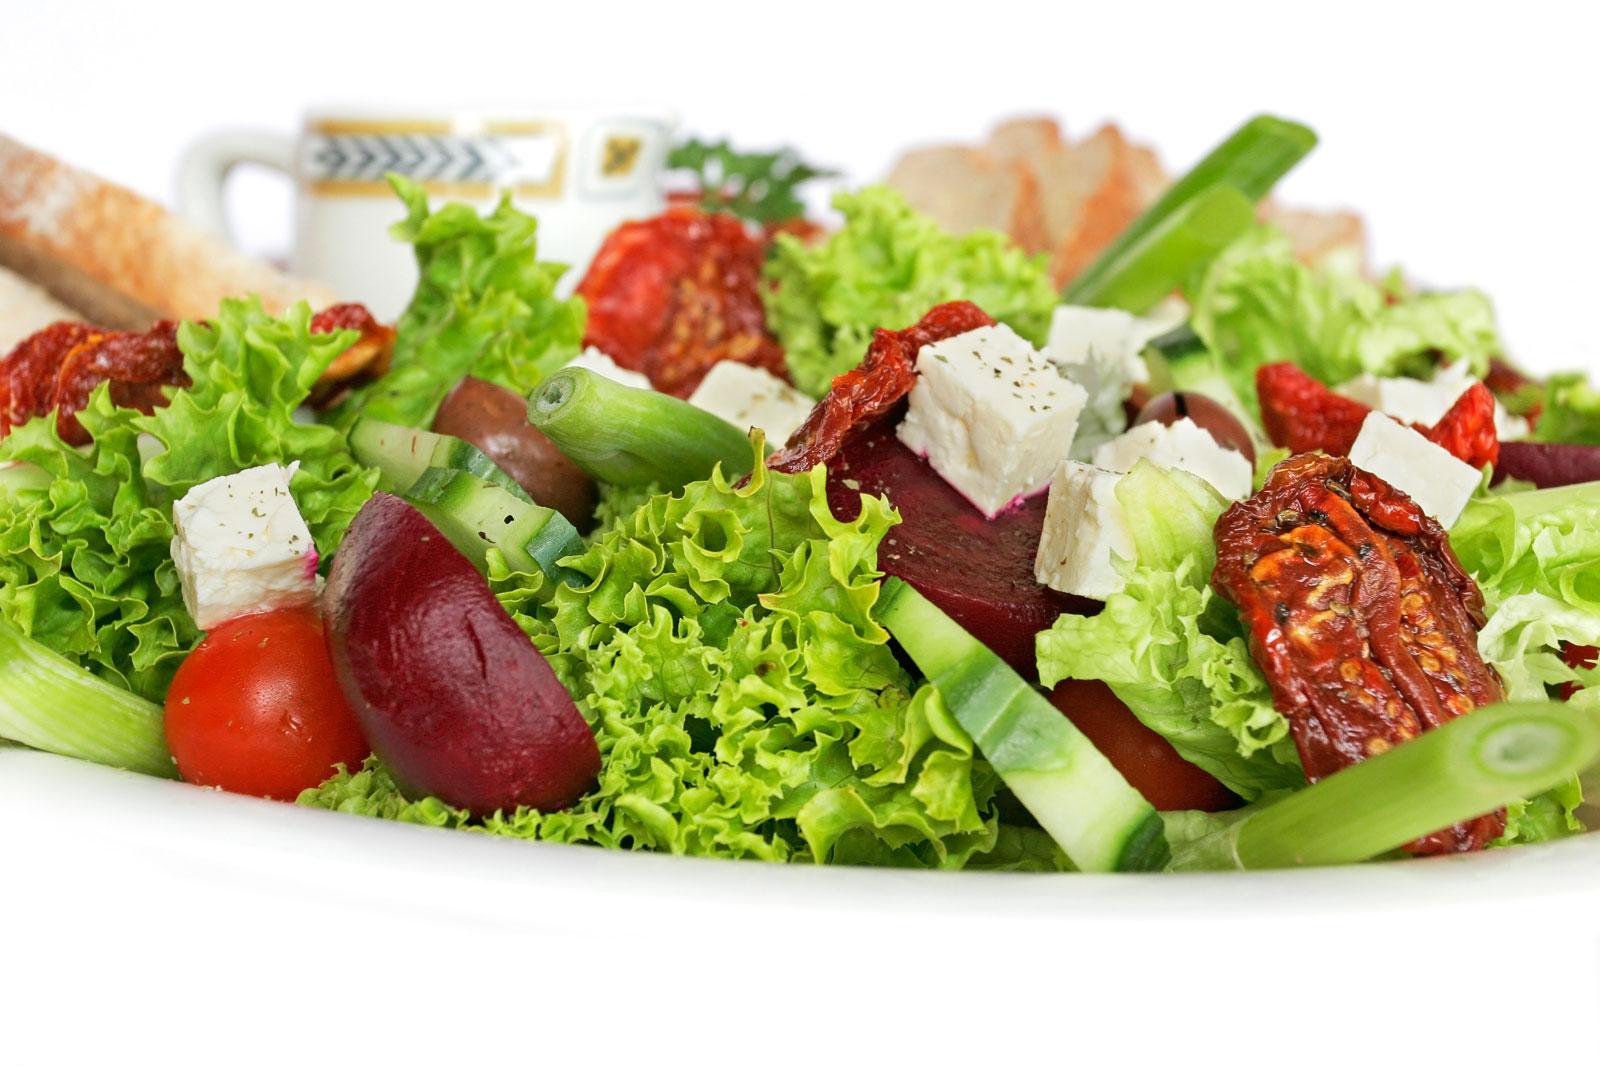 salatalar Lezzetli yemek tarifi en güzel yemekler ne pişirsem bugün kolay yemek tarifleri bedava yemek tarifi